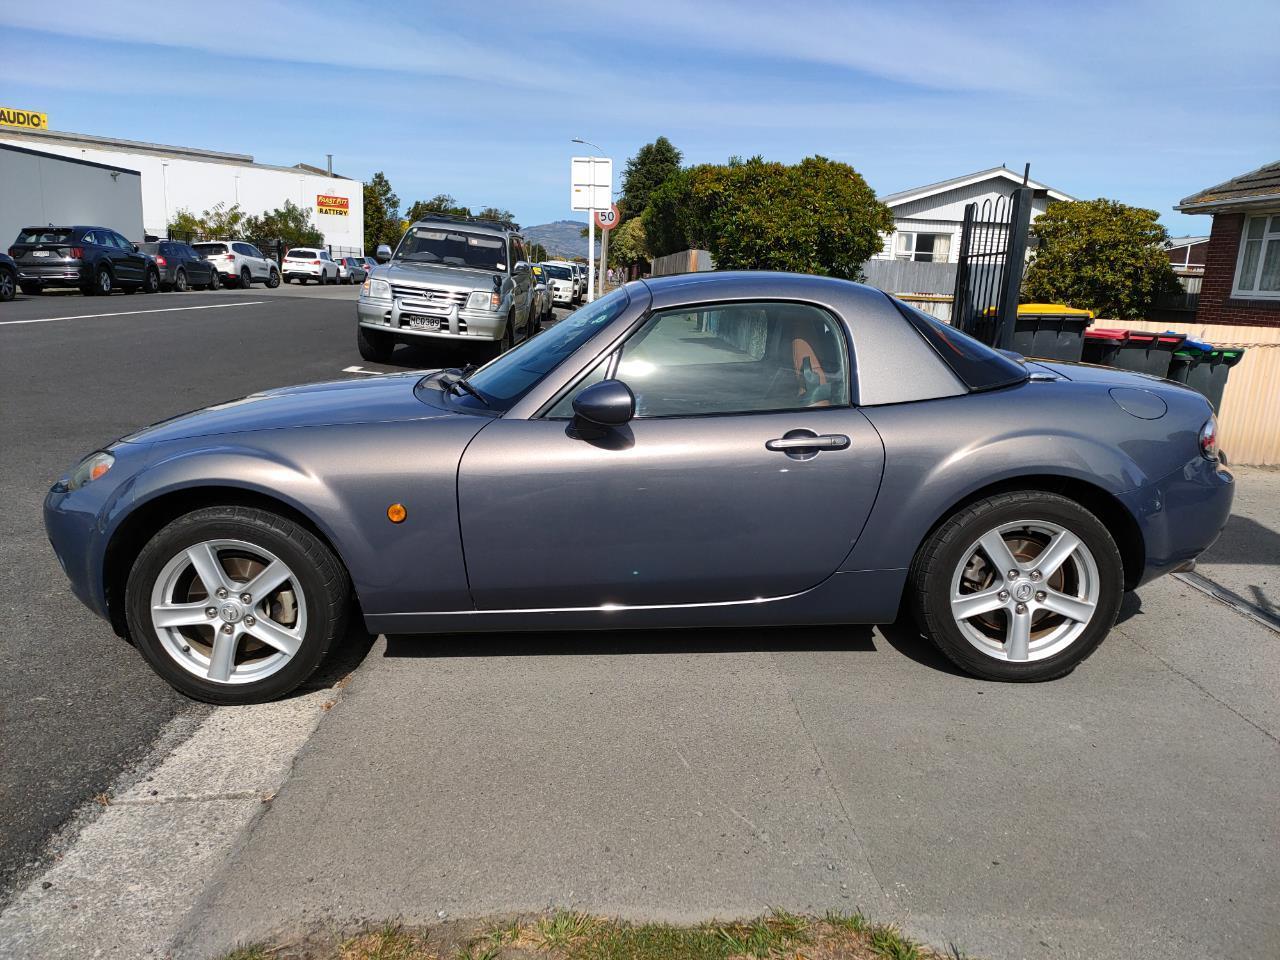 image-1, 2006 Mazda Roadster at Christchurch